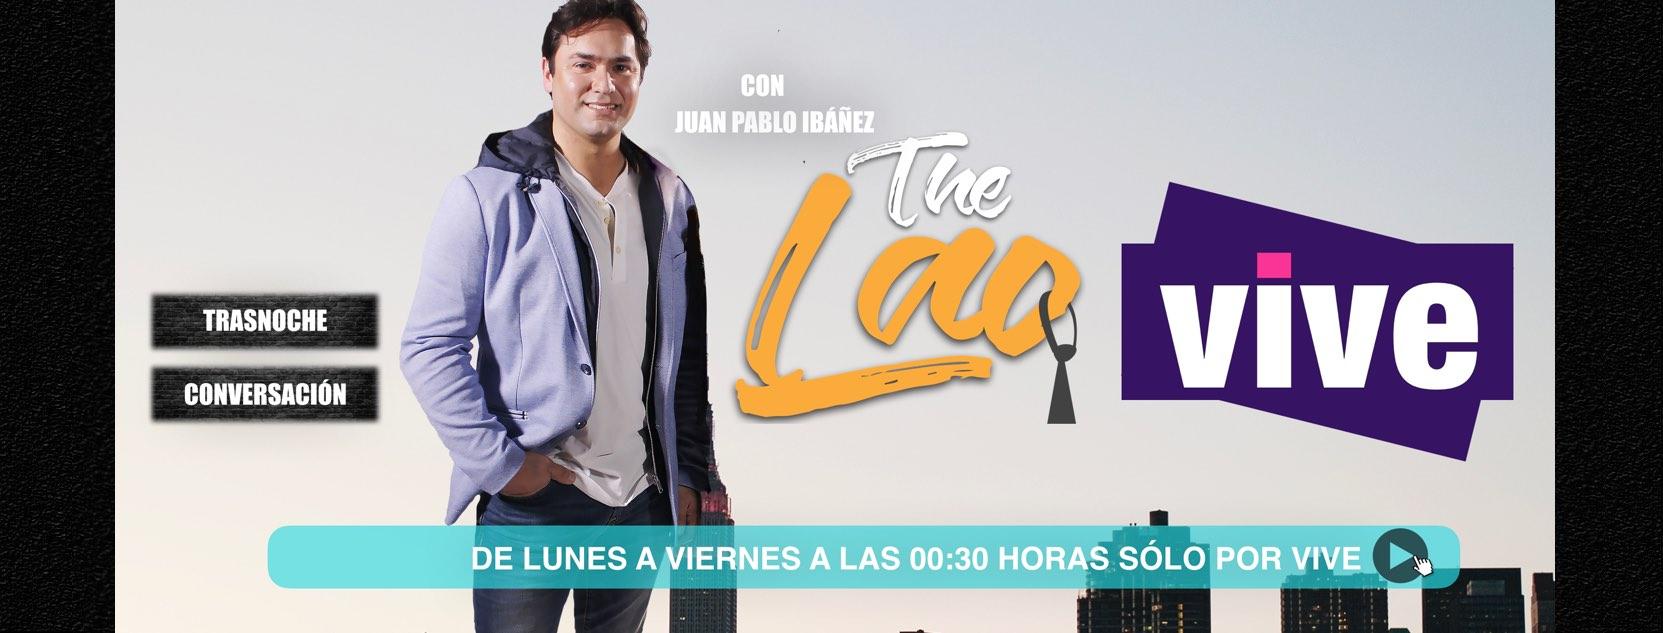 the-lao